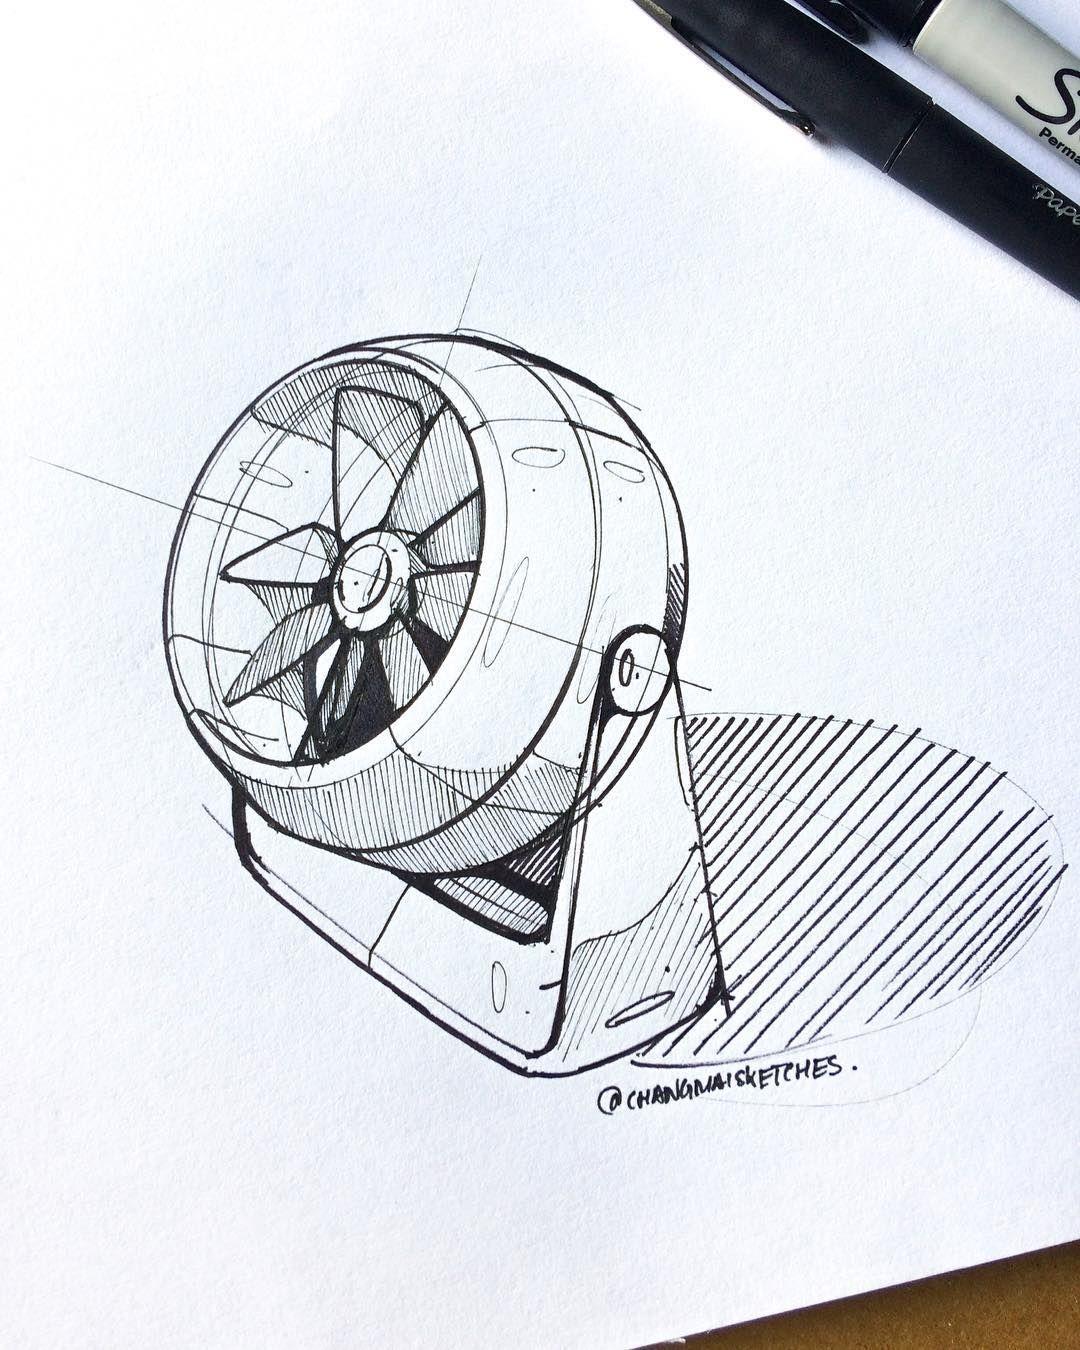 Sketch basic dessin au trait Auteur? - Tap the link to